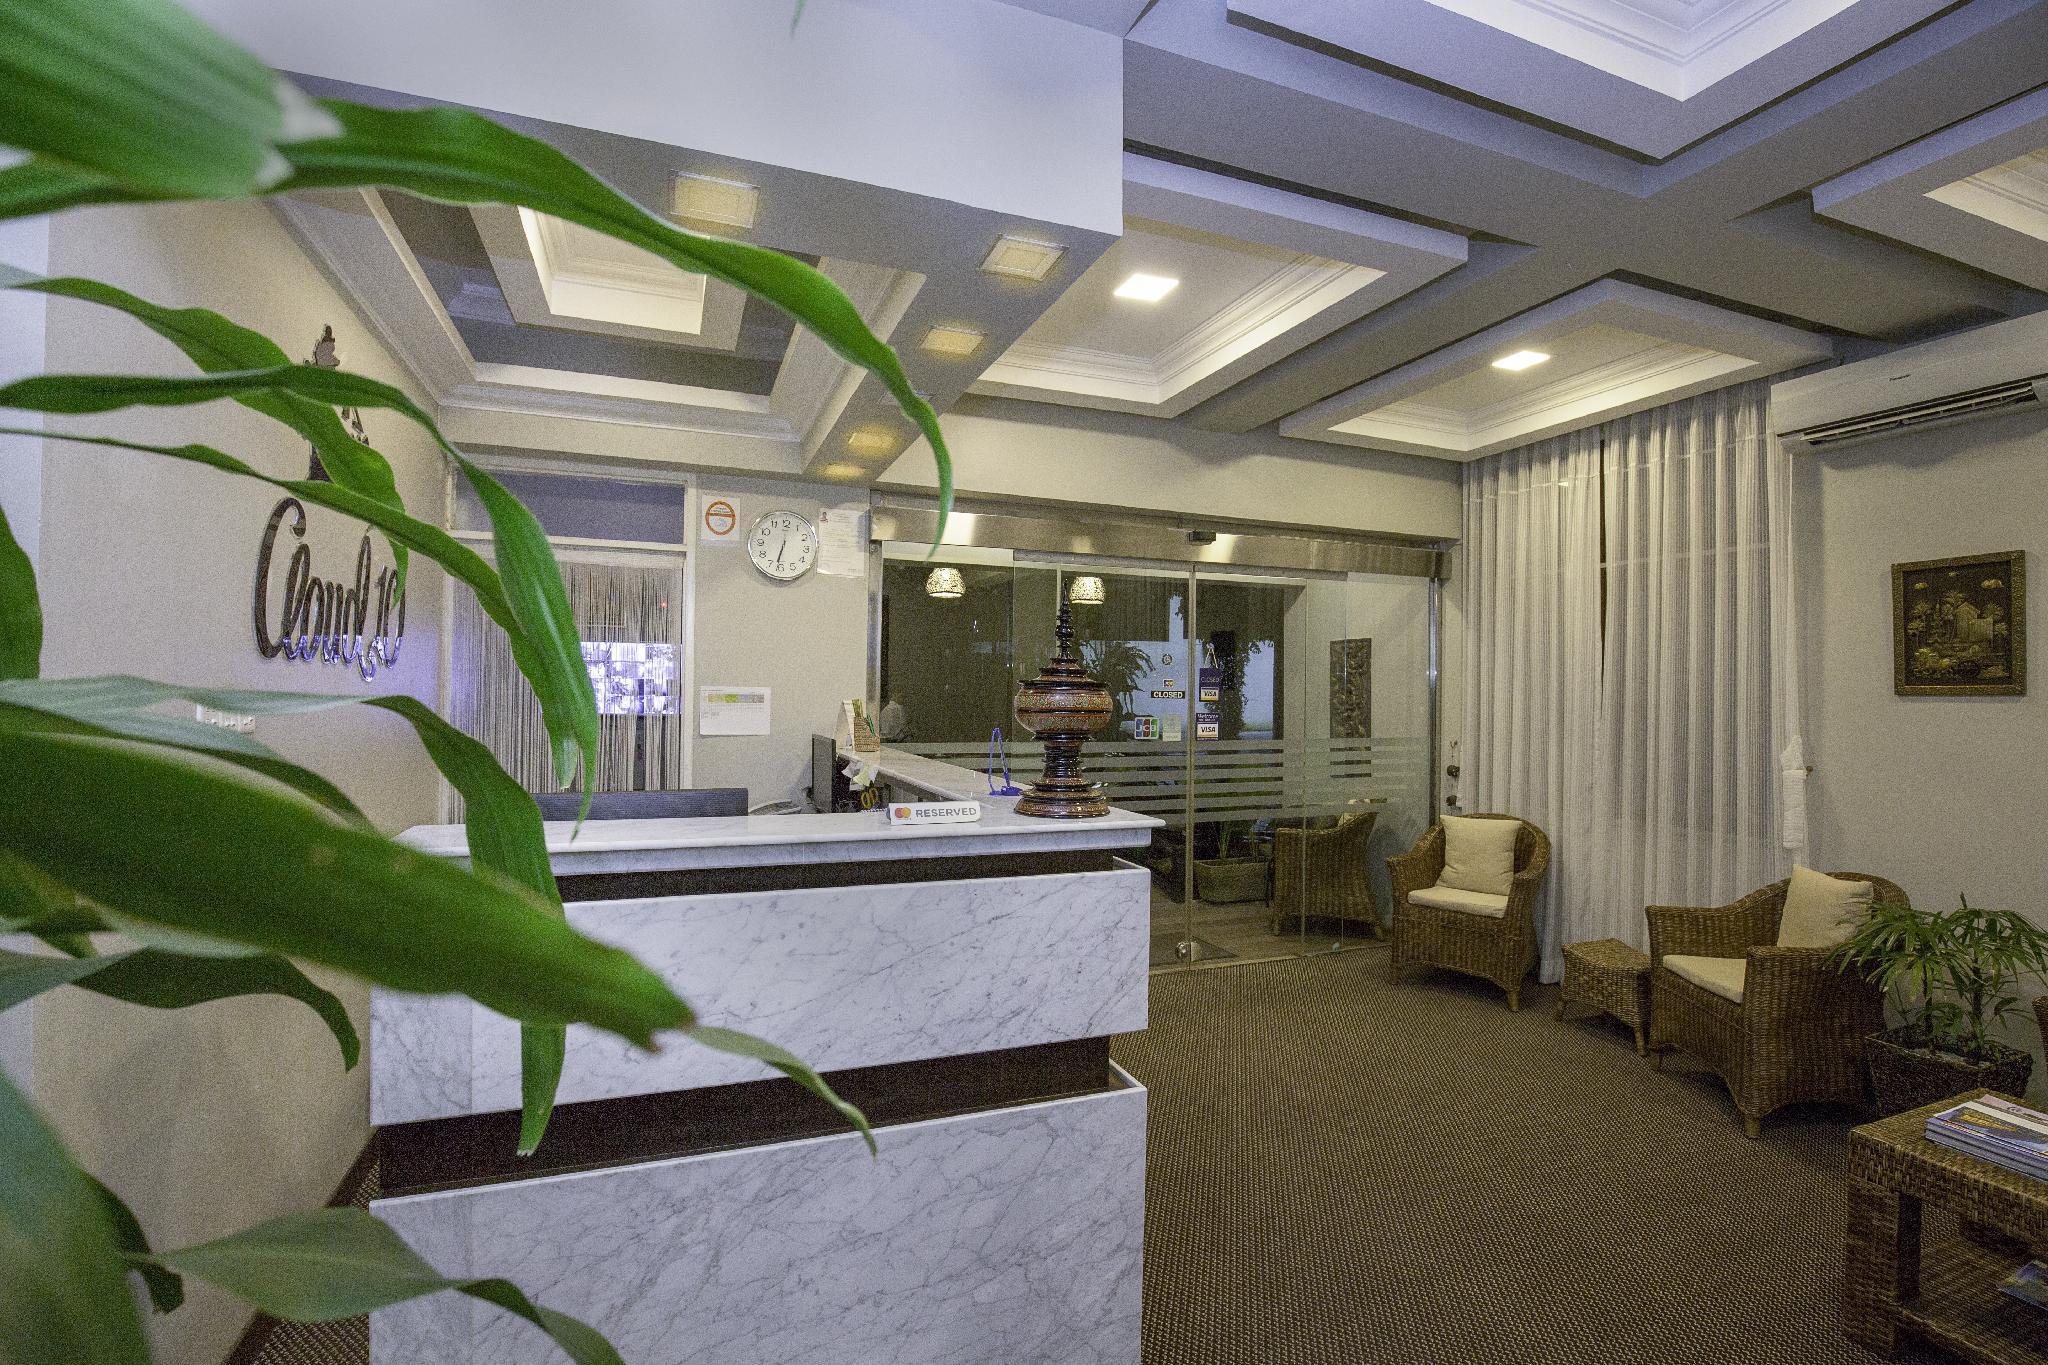 Cloud 10 Boutique Hotel